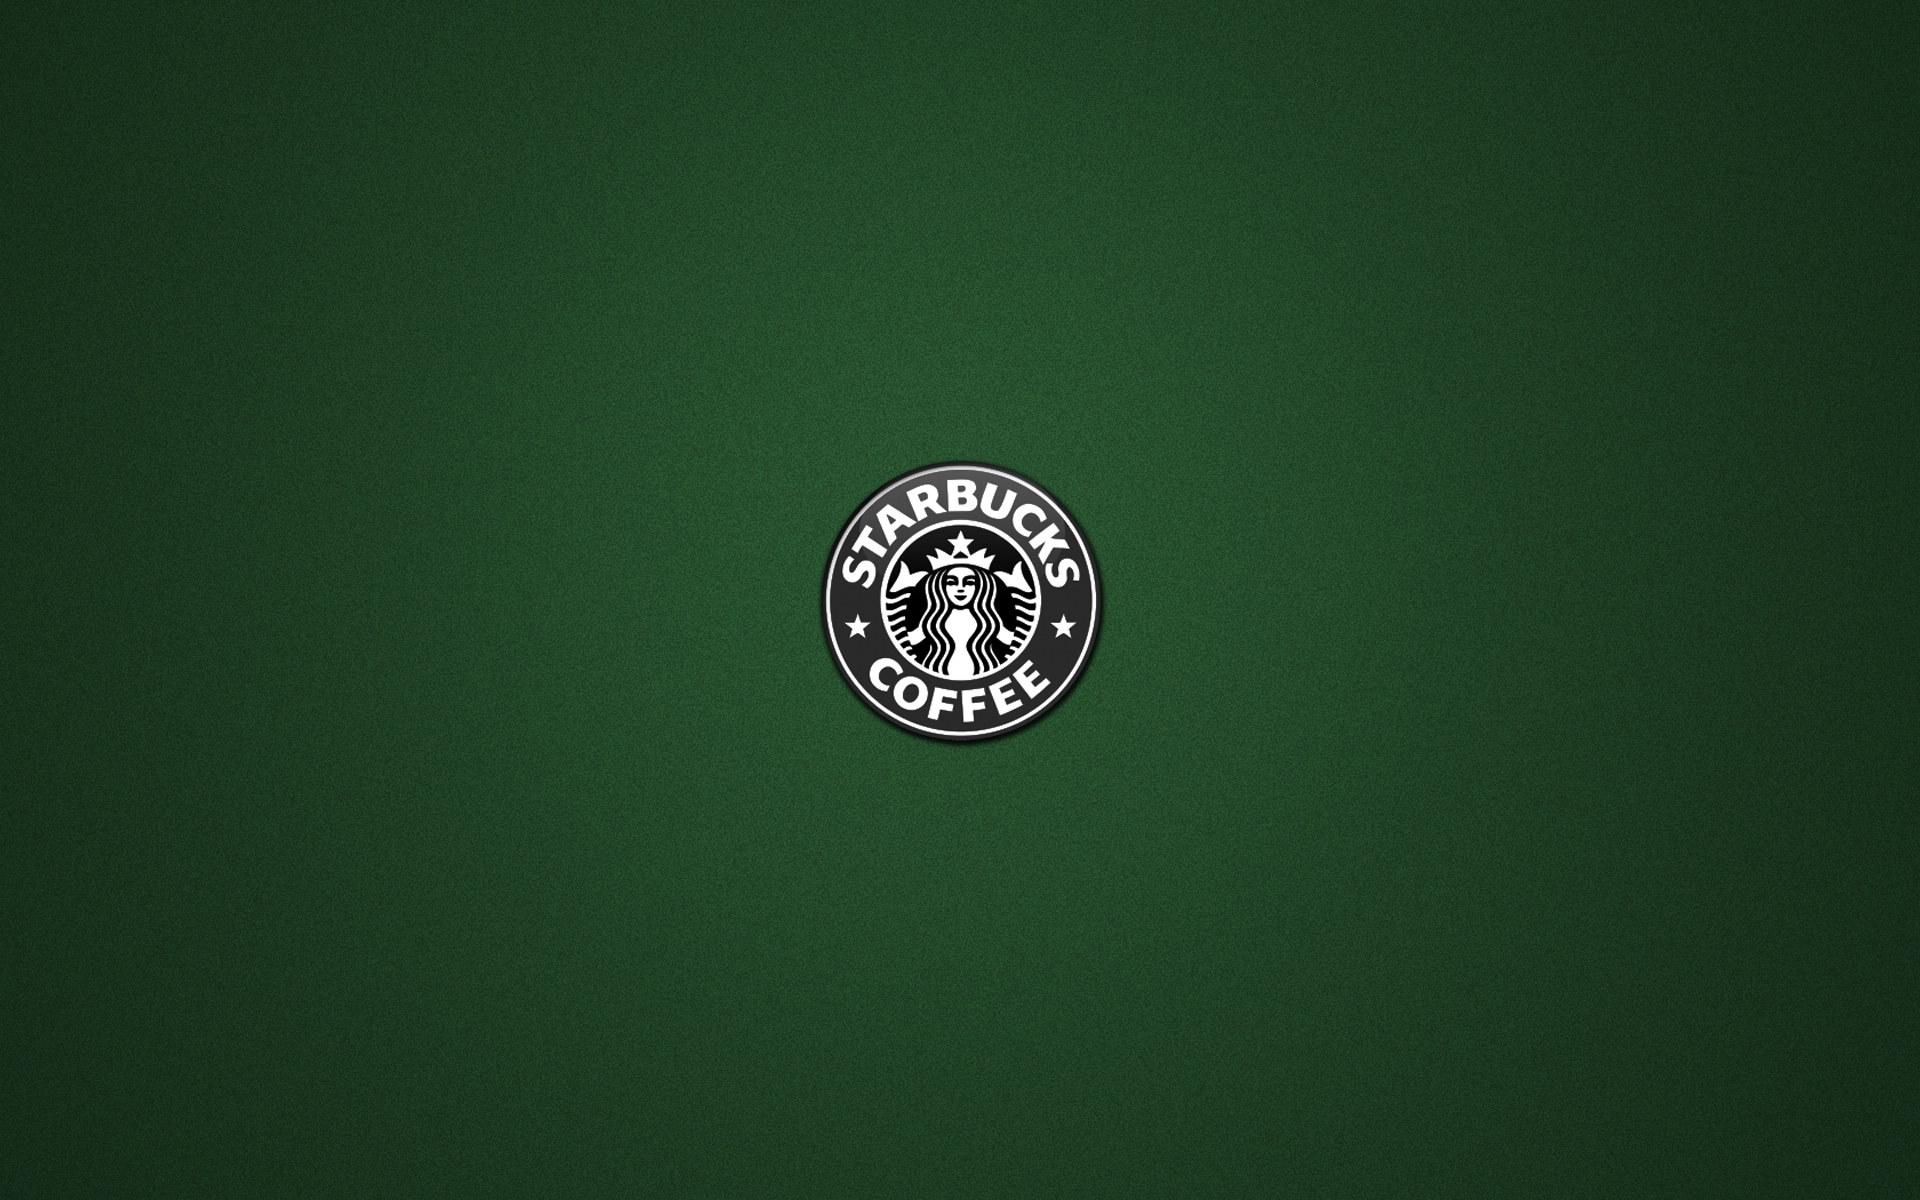 Starbucks >> starbucks星巴克logo皮肤壁纸